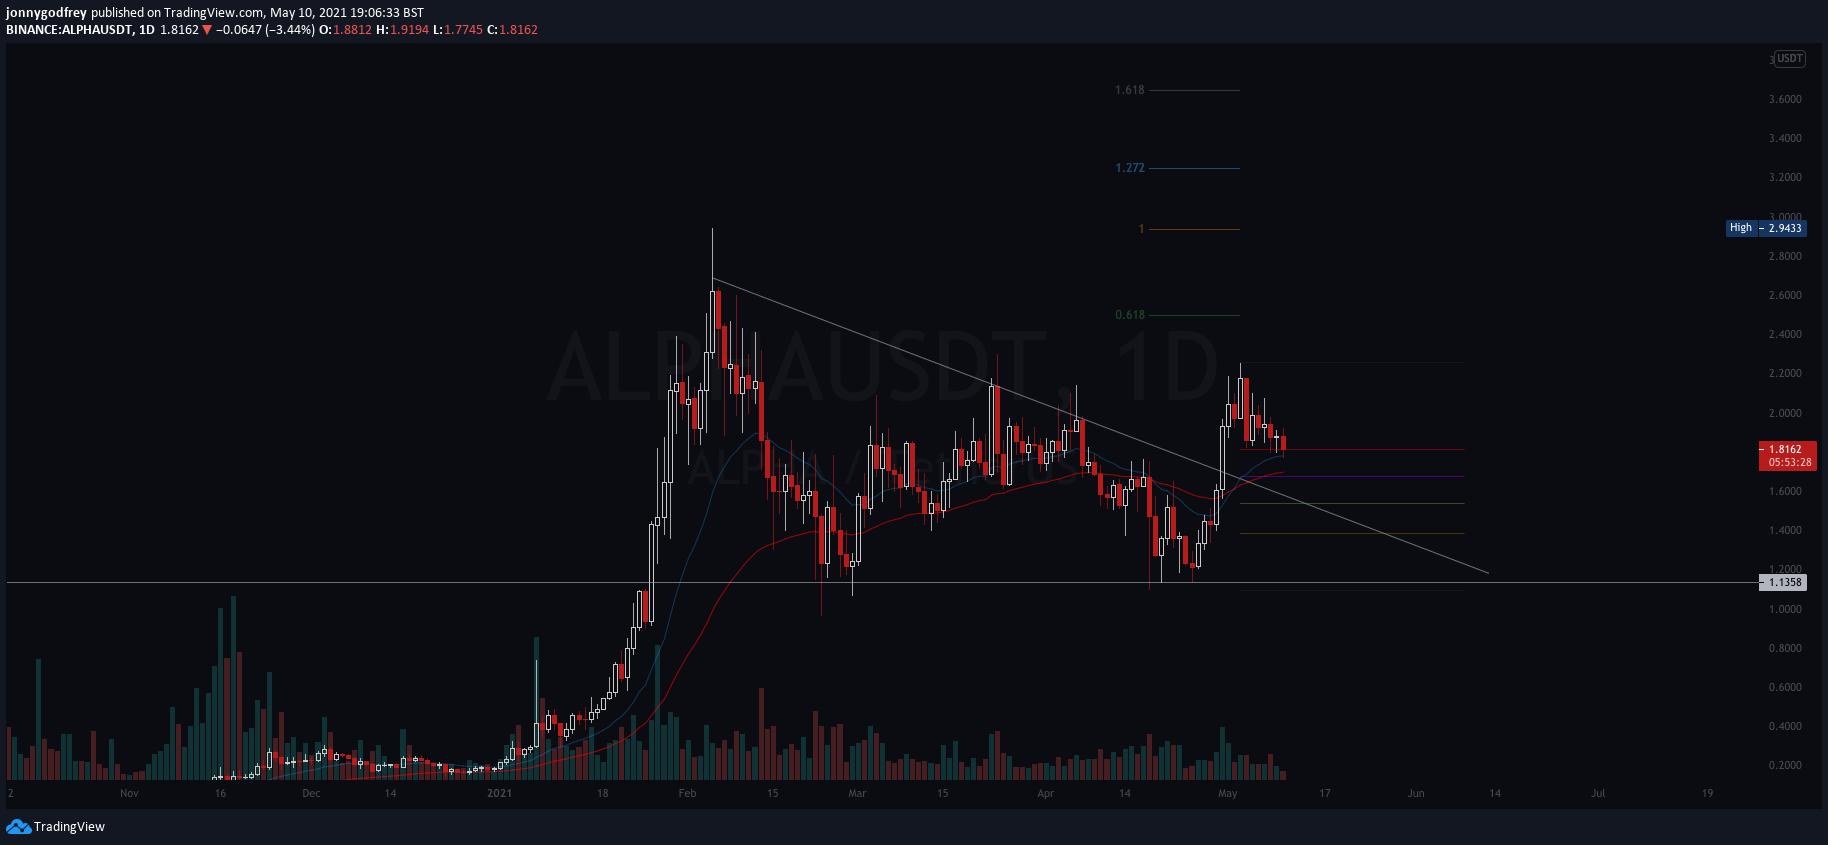 ALPHAUSDT daily chart